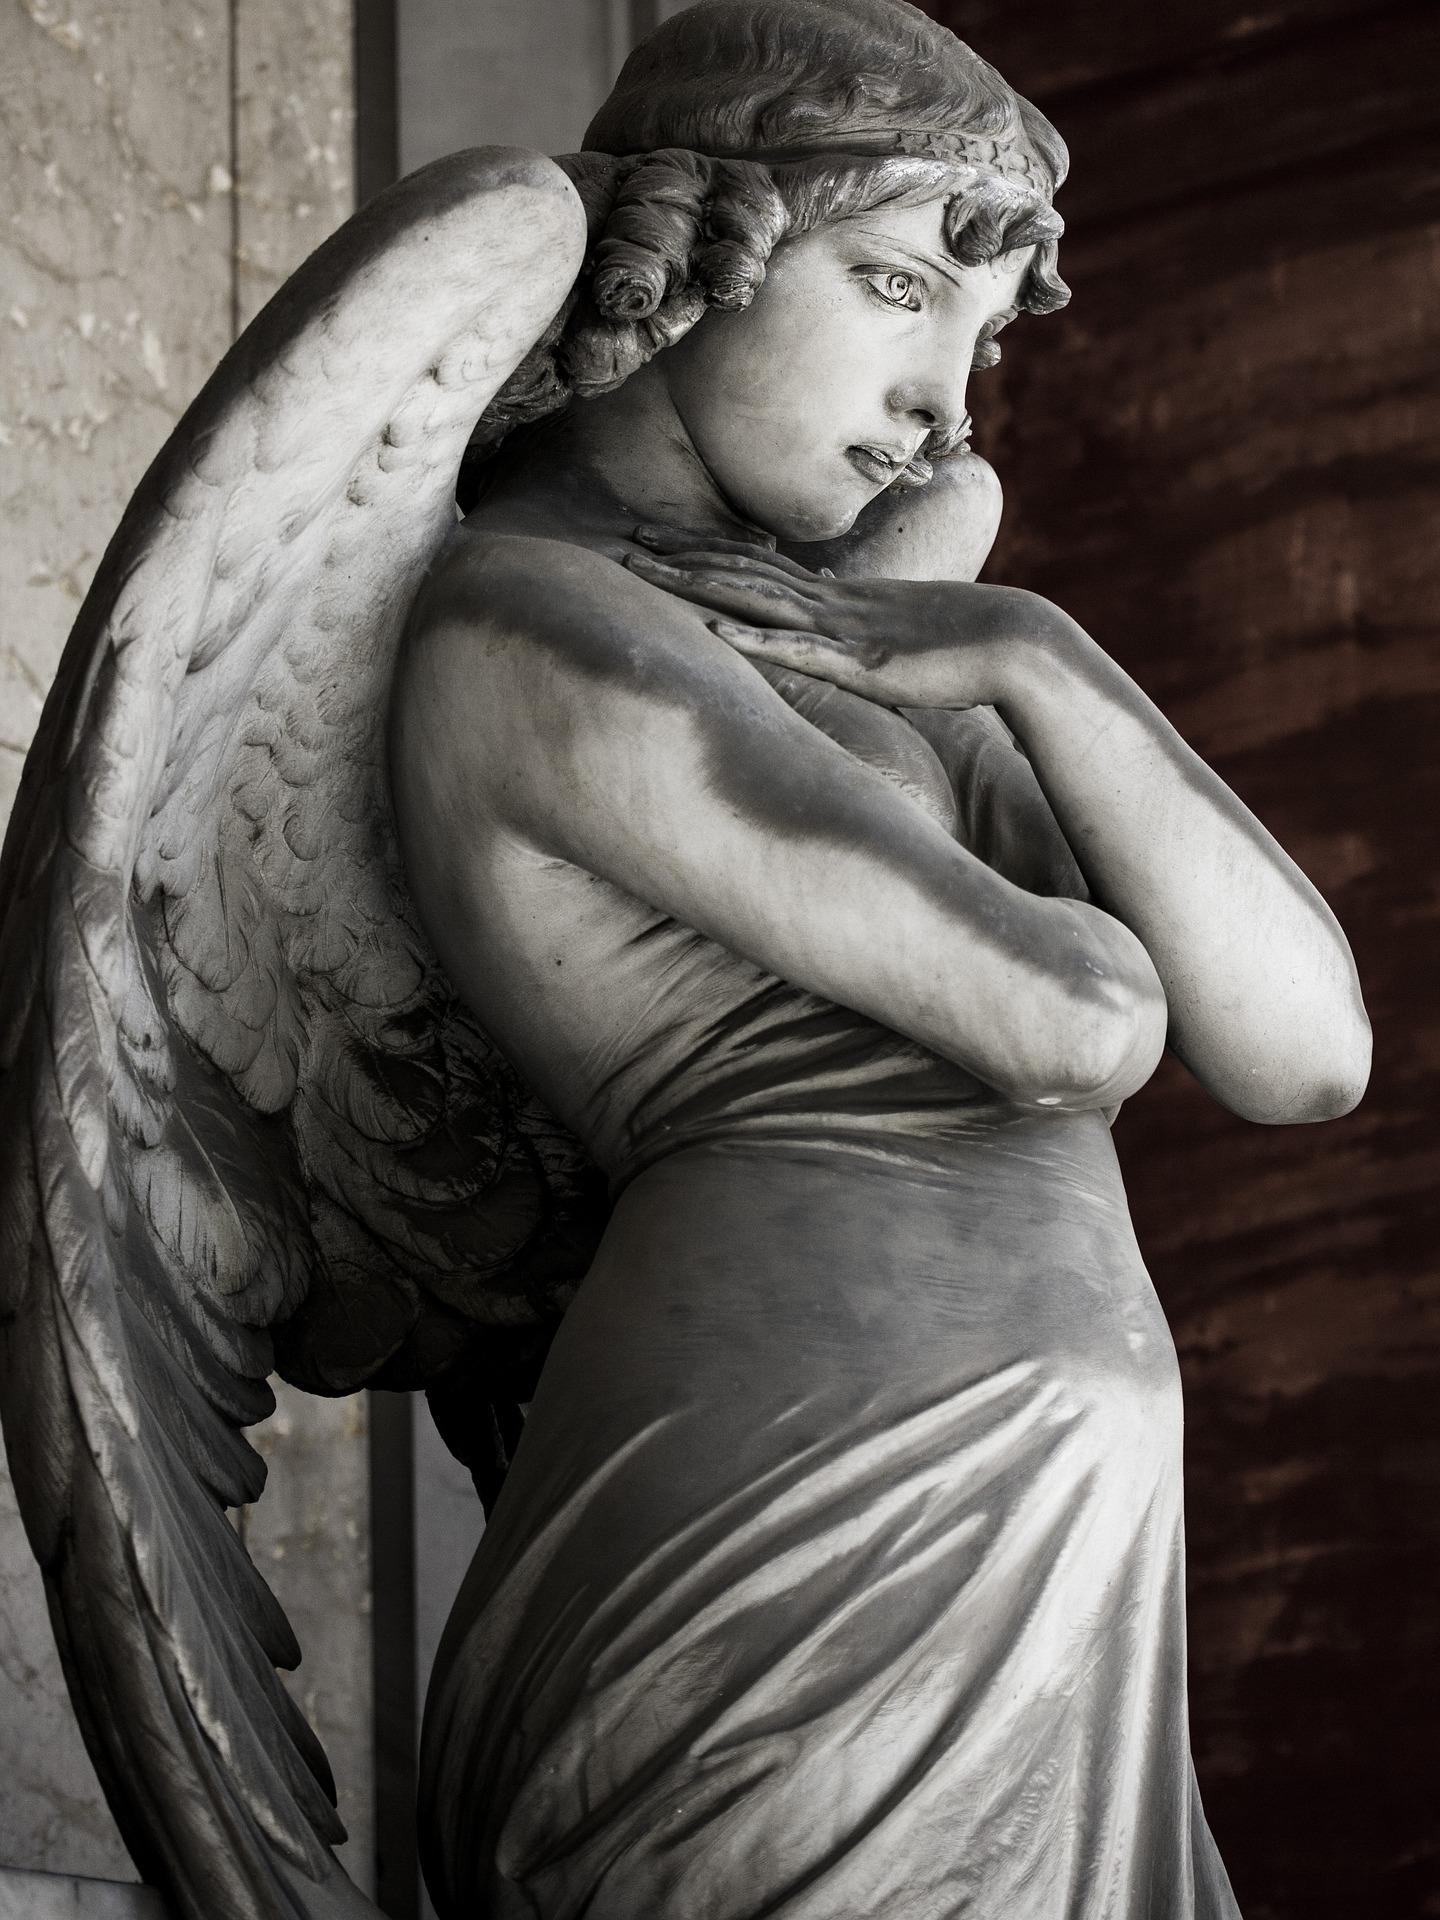 angel 2361010 1920 - Vzývání andělů je myšleno jako snaha přelstít Boha